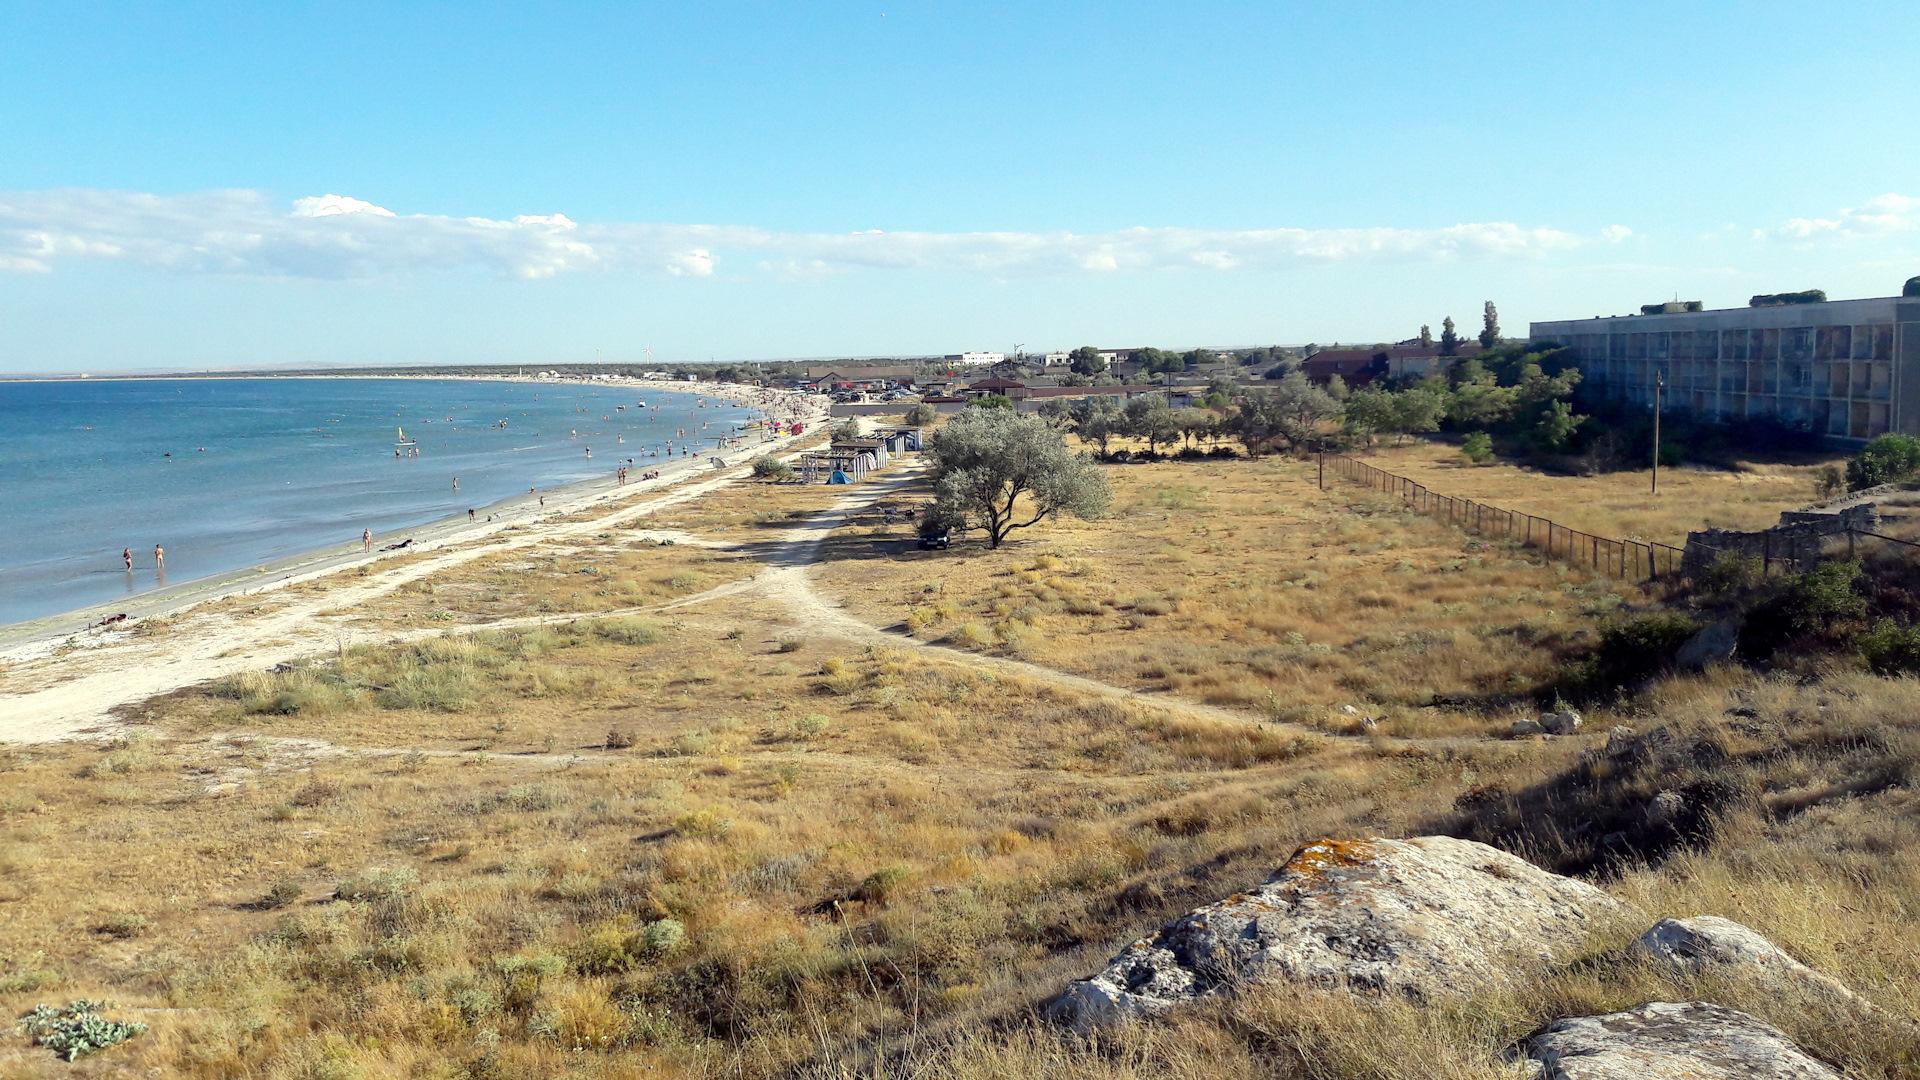 летний татарская бухта крым фото линией